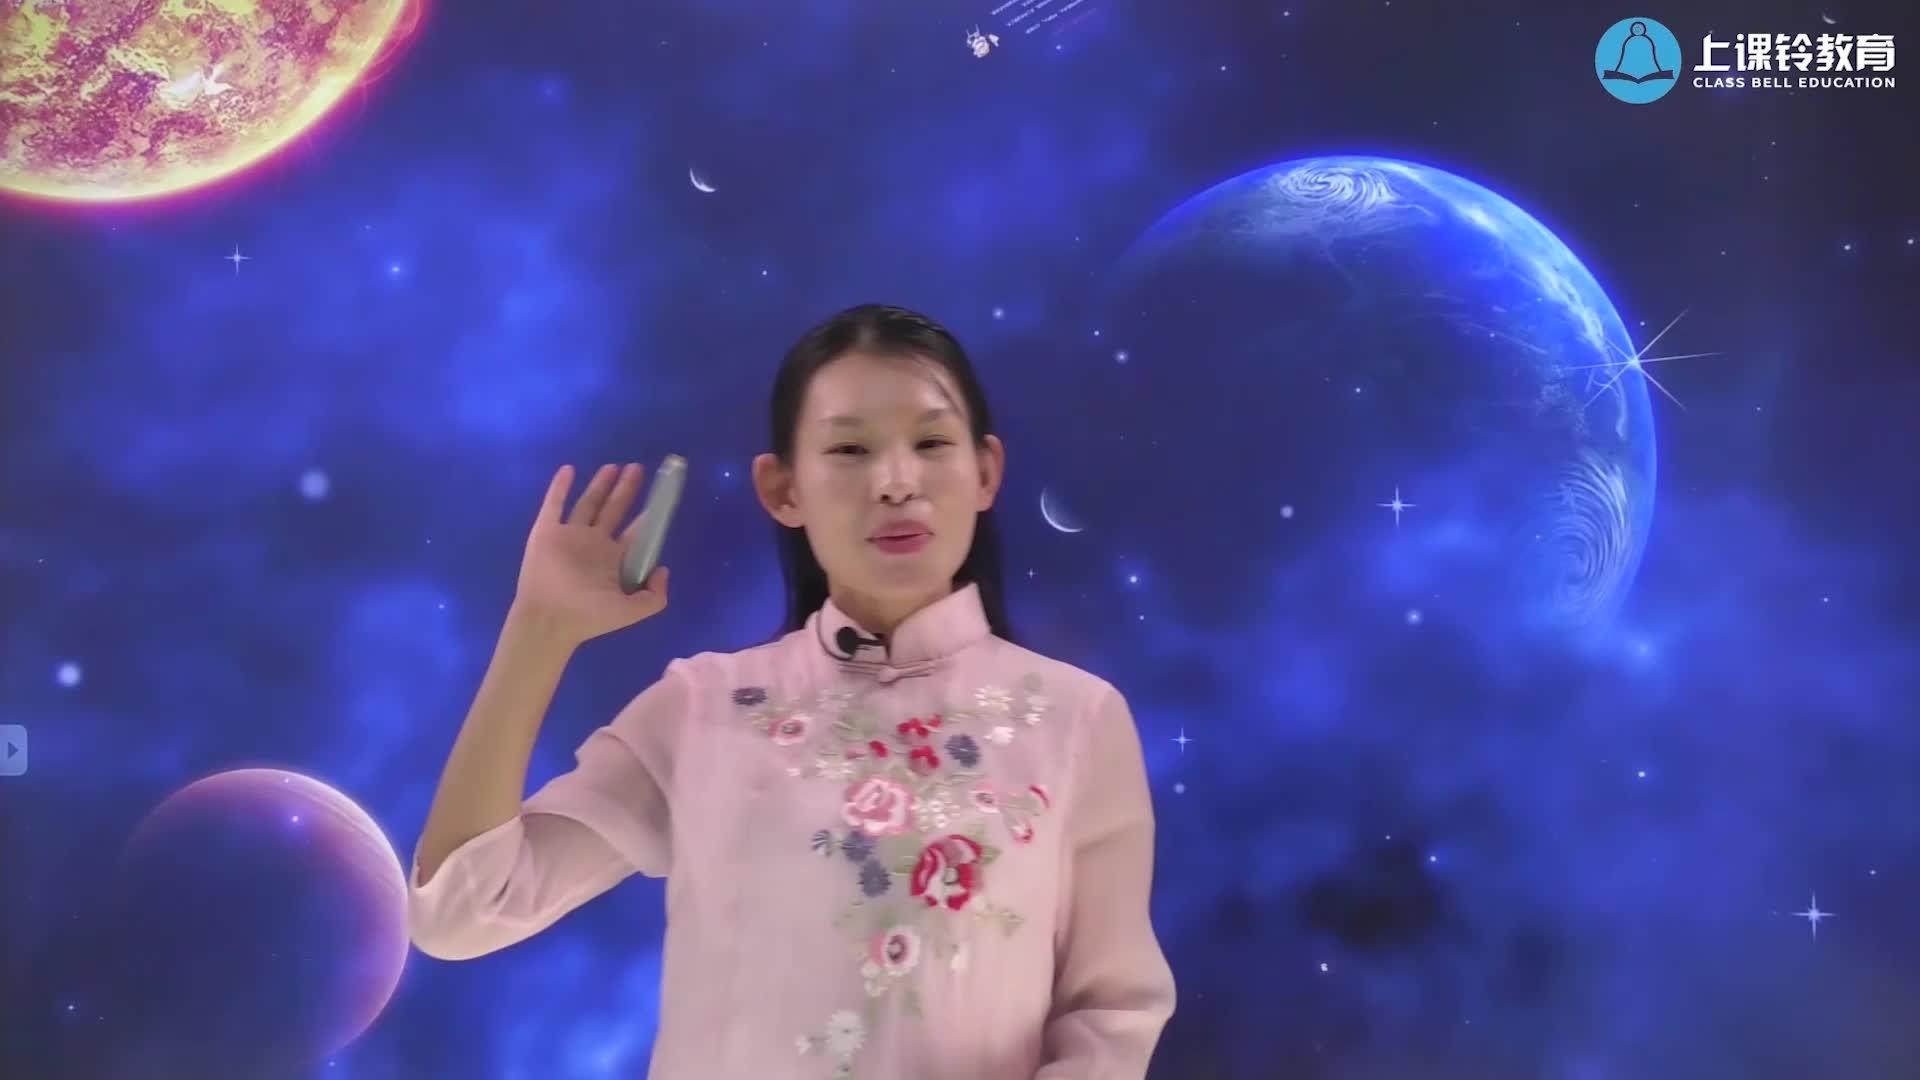 行星地球 04 太阳对地球的影响-【上课铃教育】高中地理高考二轮复习微课视频